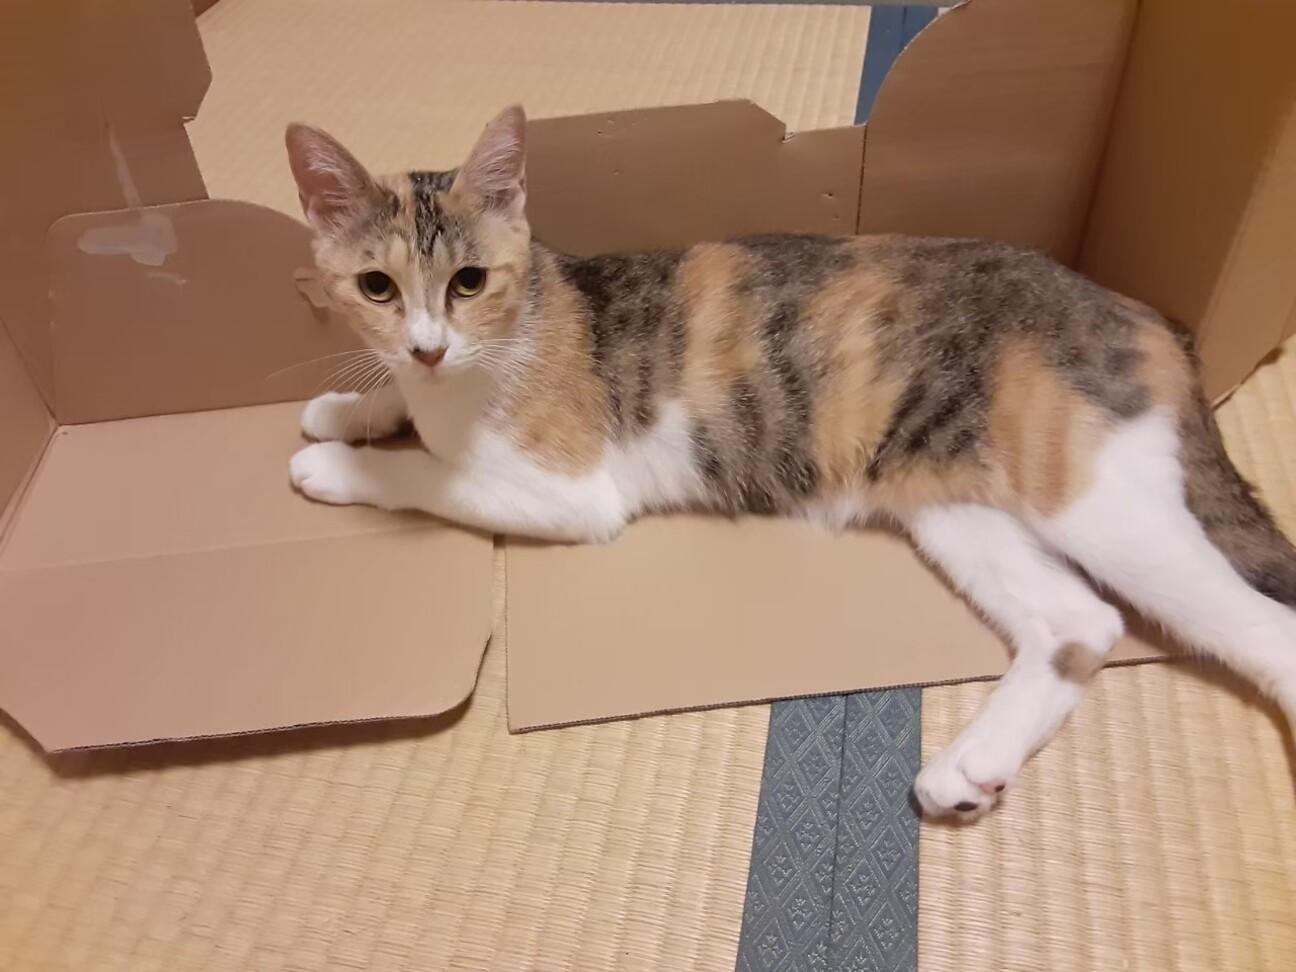 「パステル三毛 物おじしな...」千葉県 - 猫の里親募集(338368)